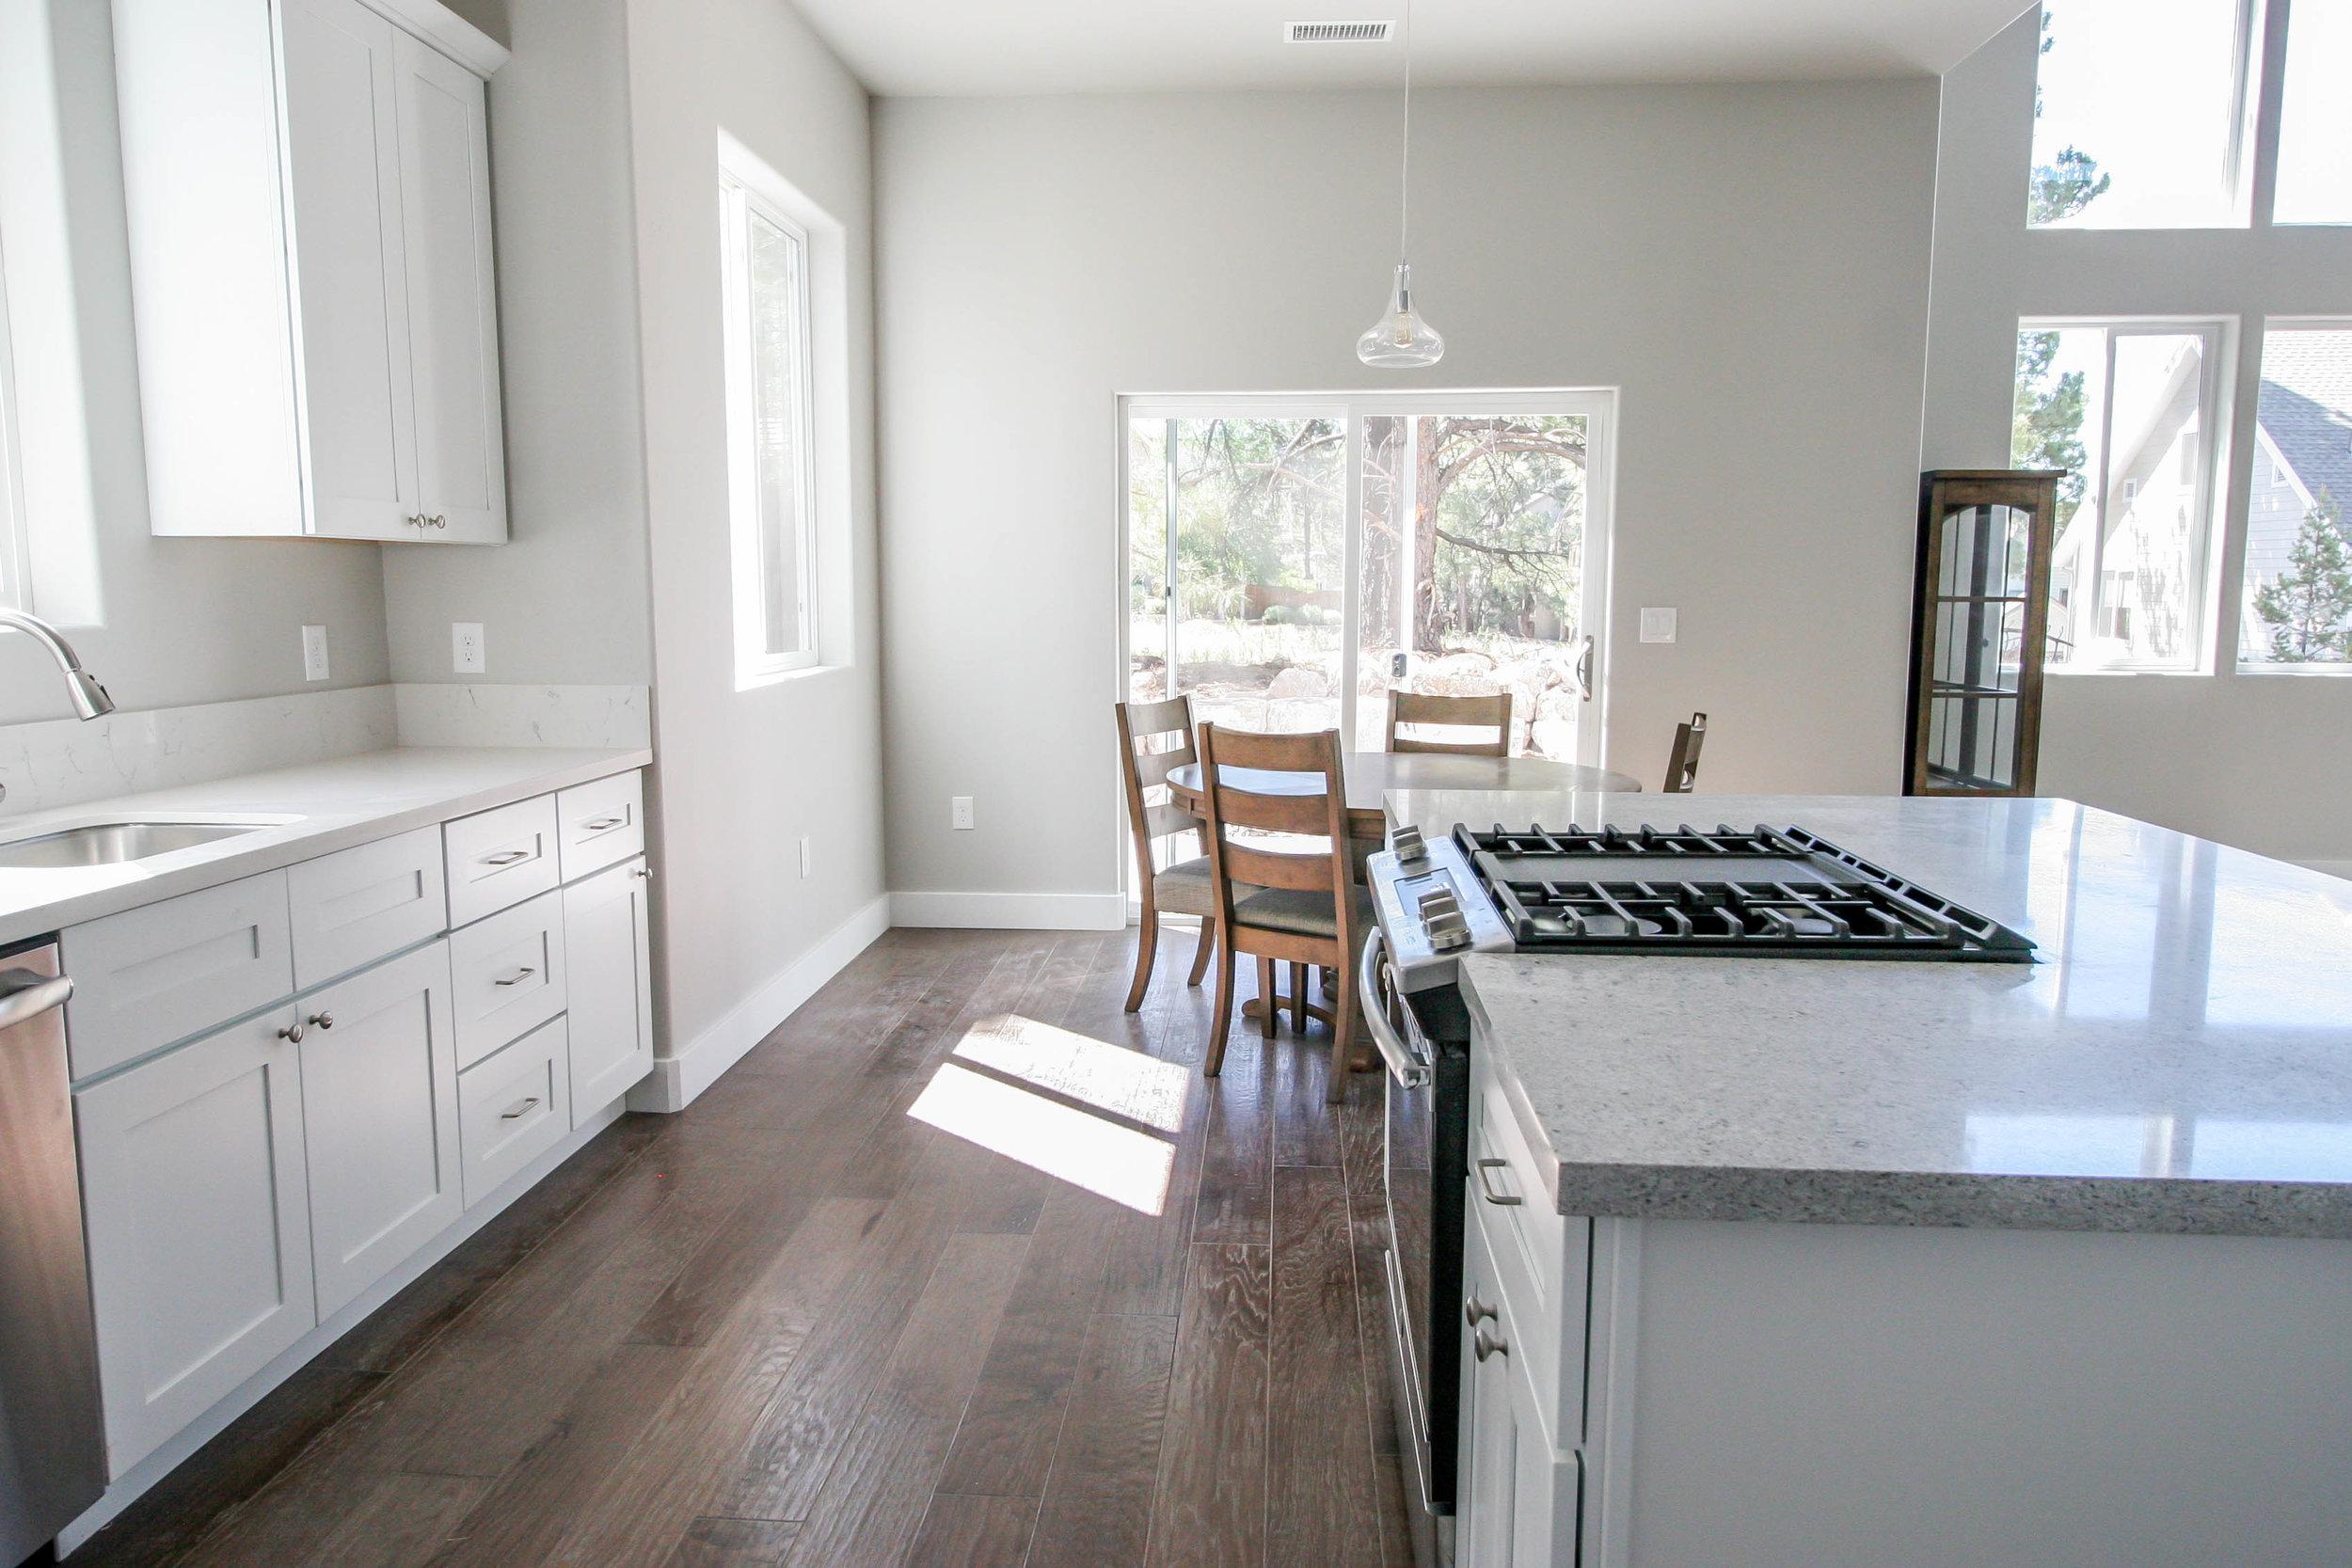 kitchen1 (1 of 1).jpg